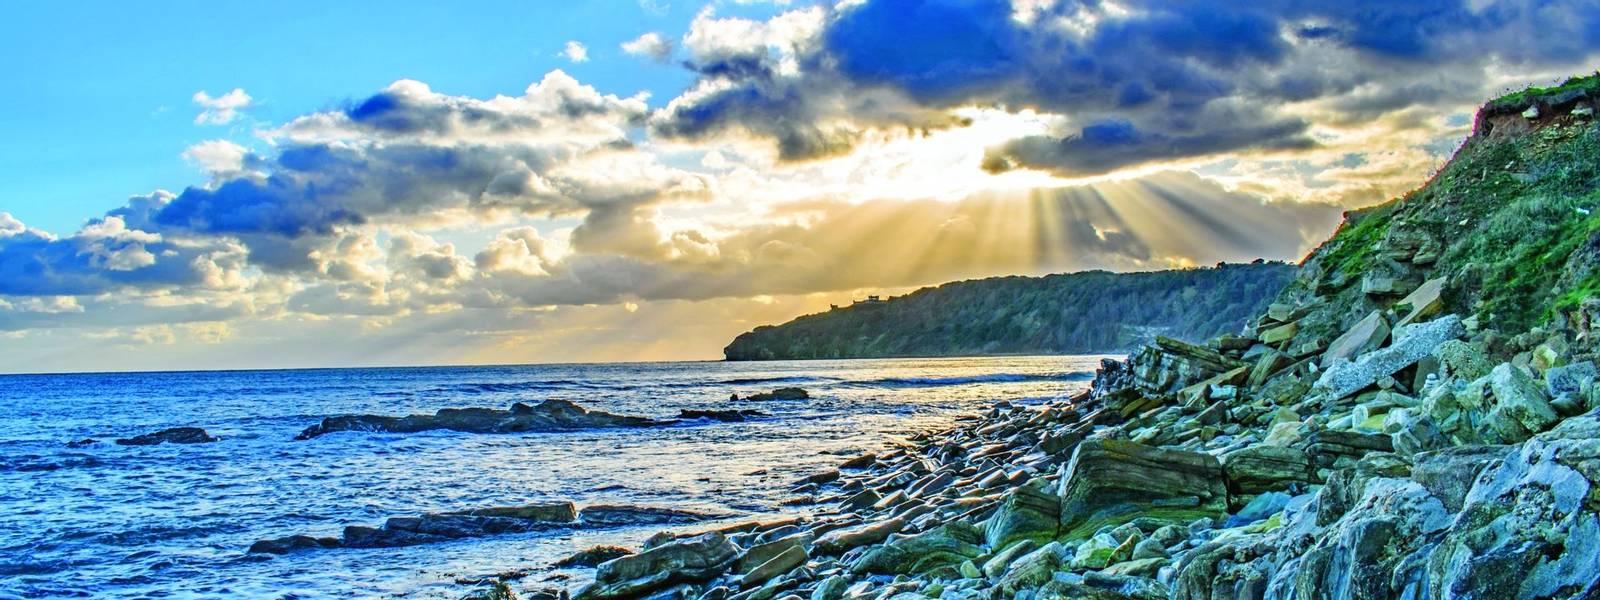 Sunburst Sky at the Jurasic Dorset Coastline